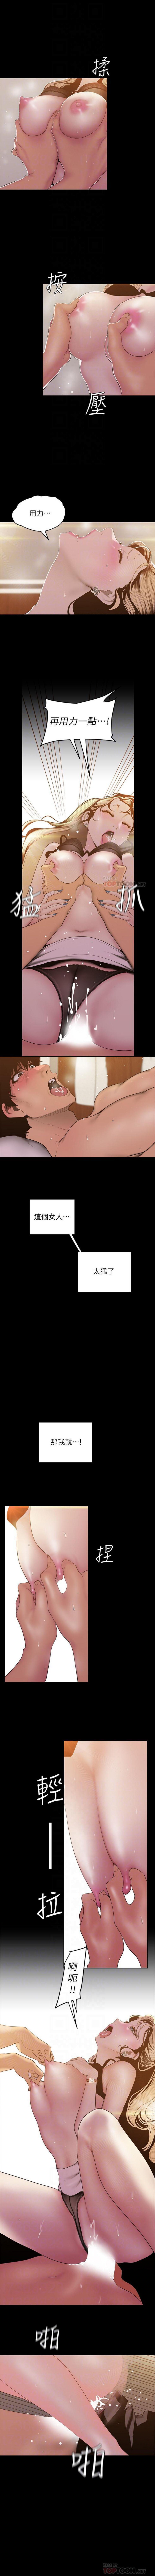 美麗新世界 1-85 官方中文(連載中) 555